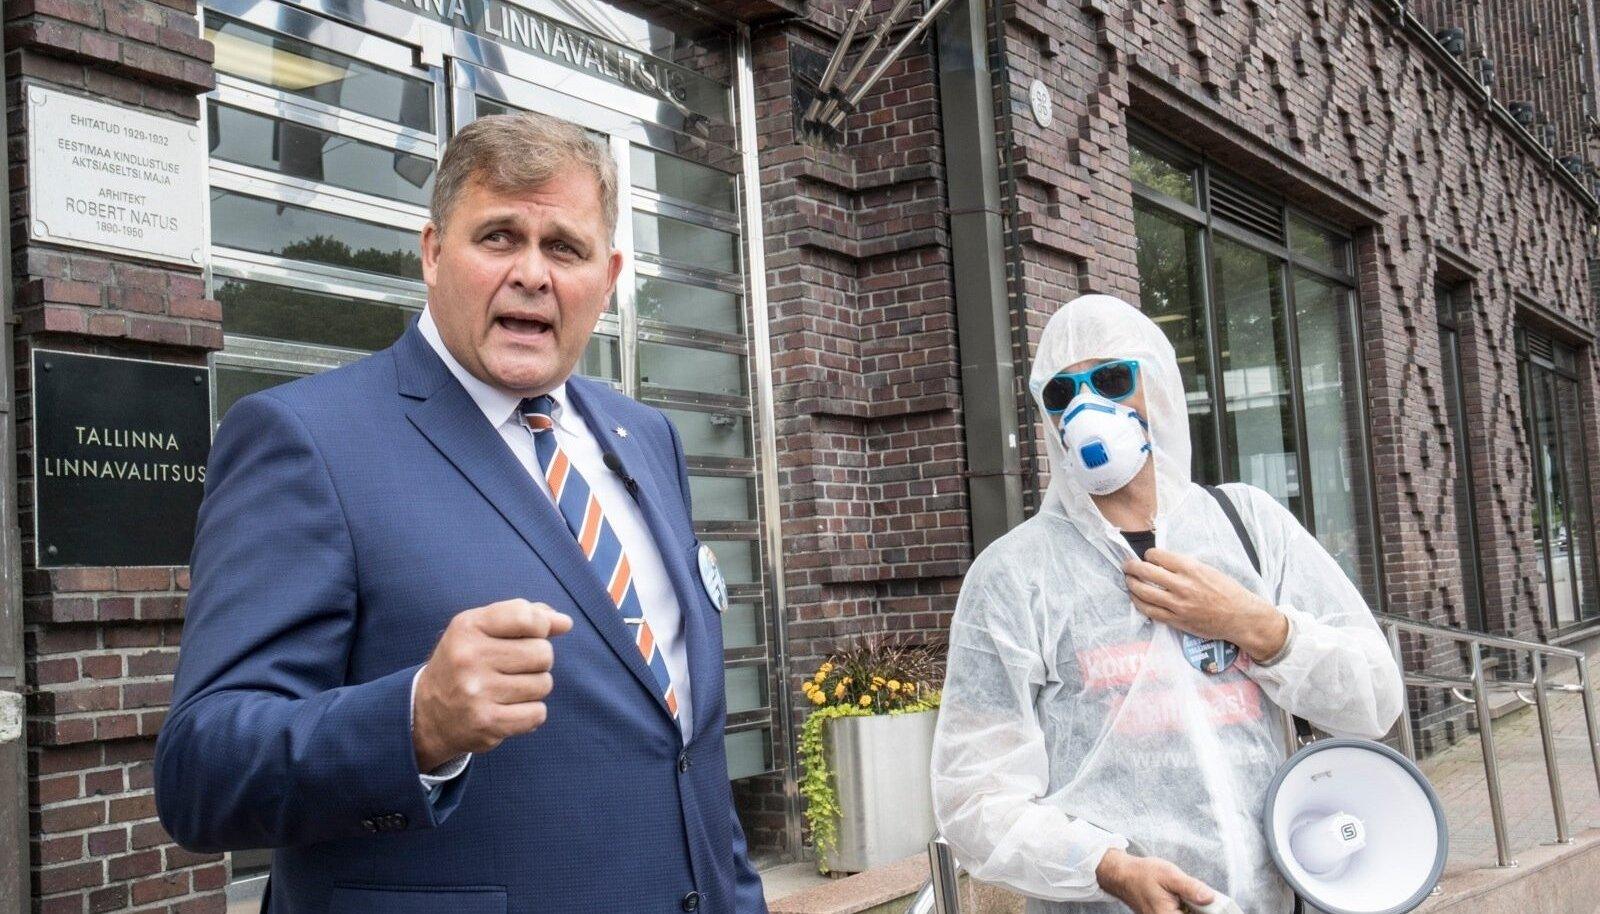 IRL-i linnapeakandidaadi Raivo Aegi korruptsioonitõrjeplaani tutvustamine augusti lõpus päädis politsei sekkumisega. Nüüd trikitab erakond valijate meelsuse näitamisega.